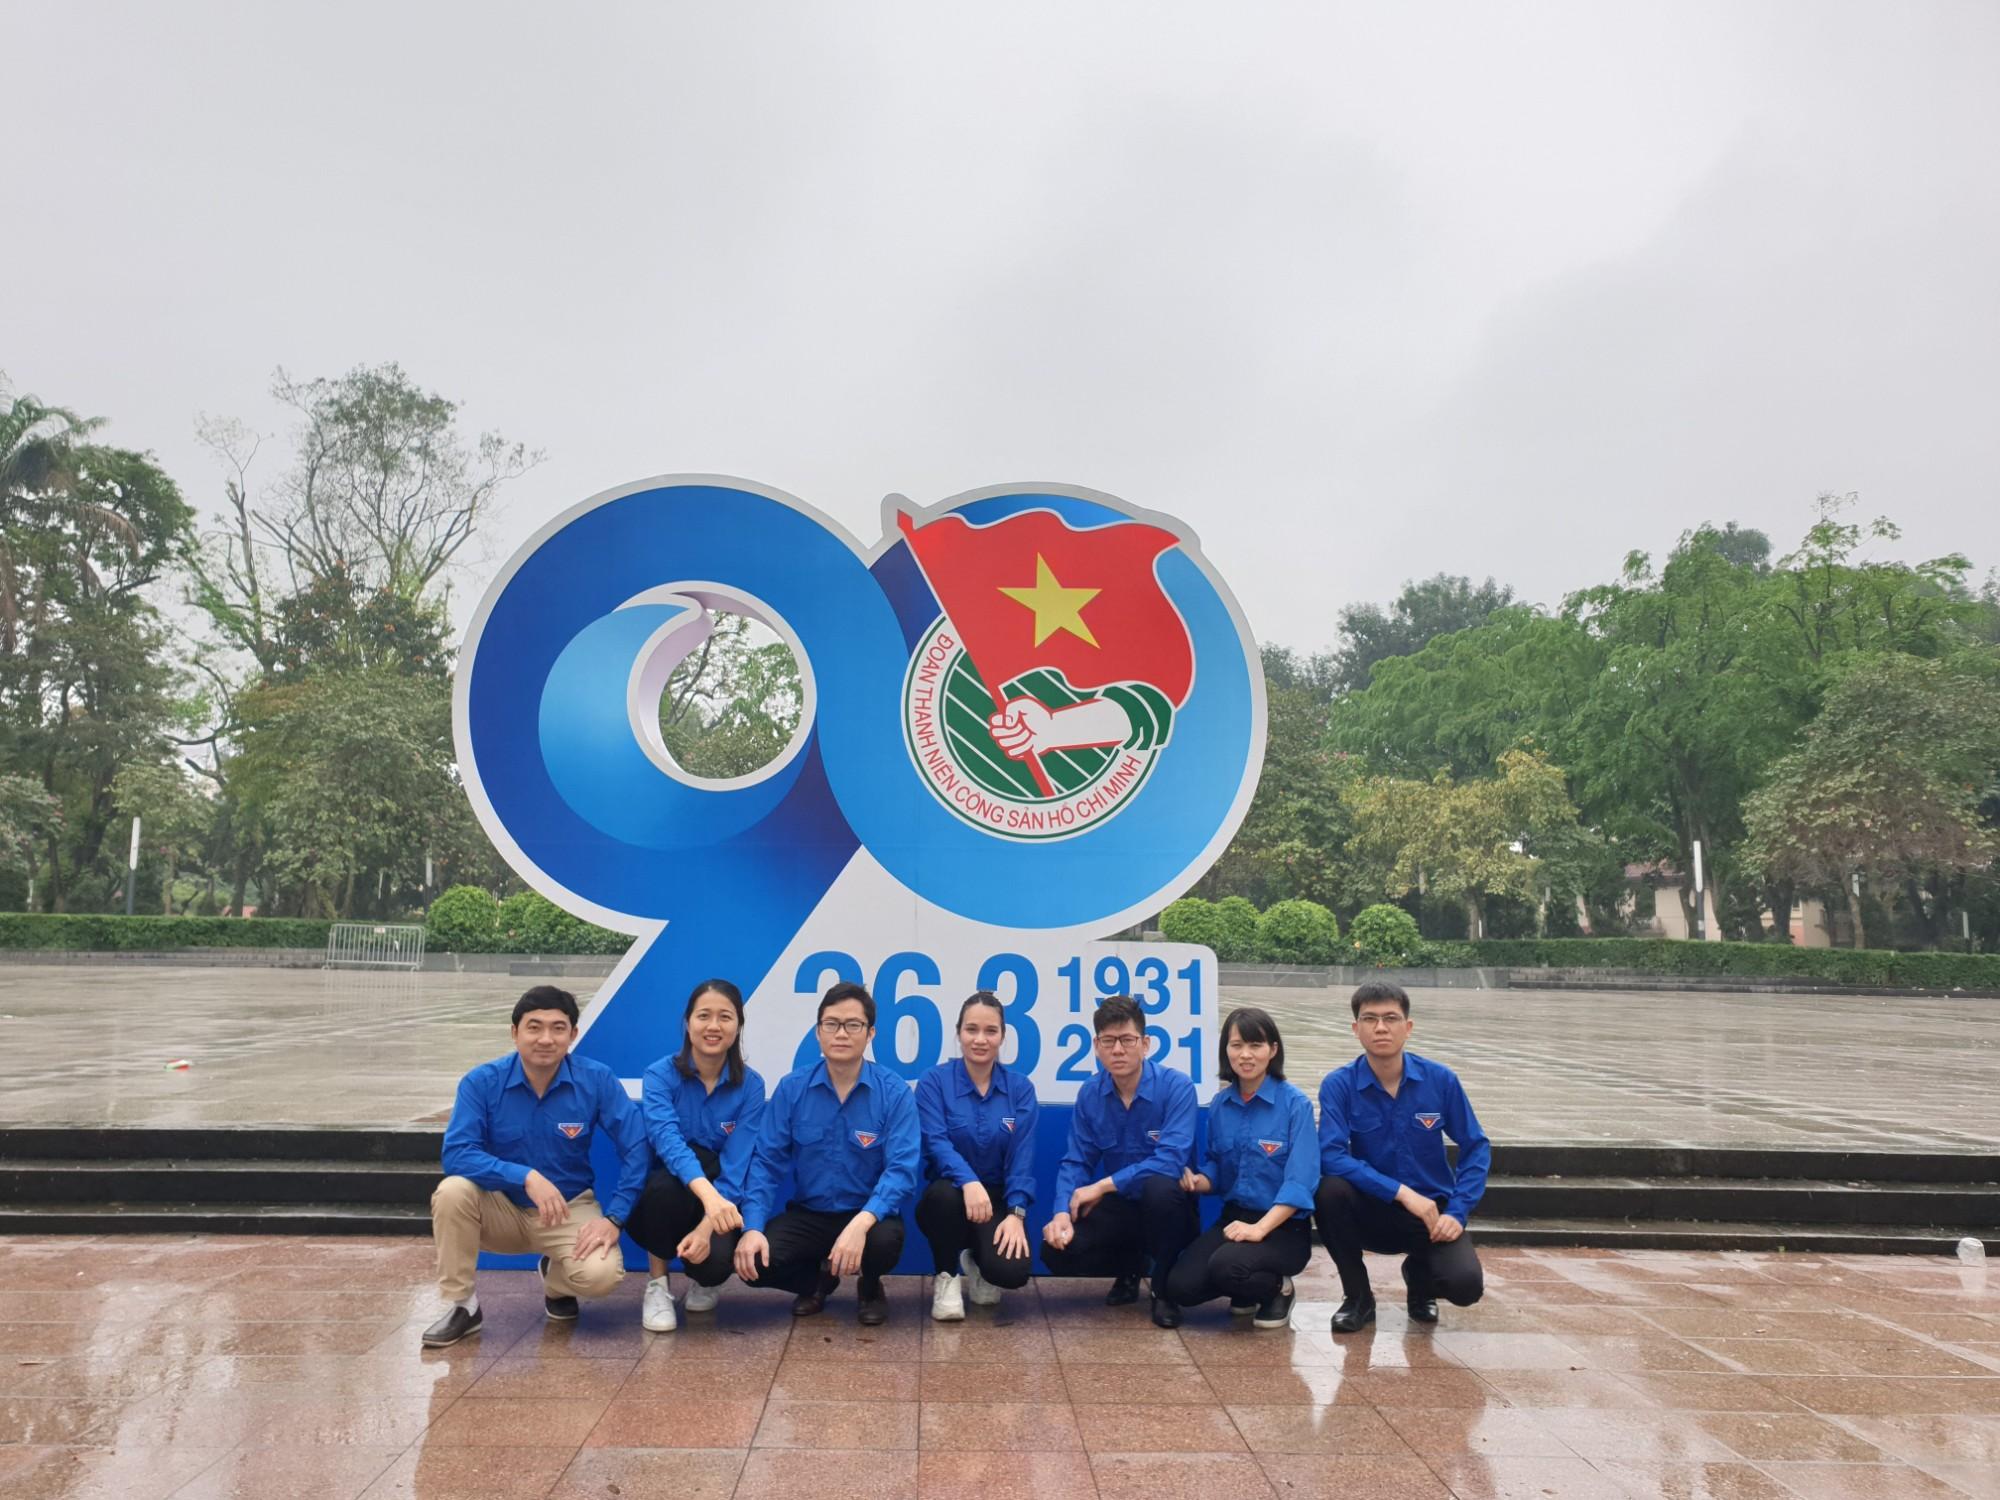 Đoàn thanh niên Công ty TNHH TM-DV-ĐT Vietin tổ chức kỷ niệm 90 năm ngày thành lập Đoàn TNCS Hồ Chí Minh